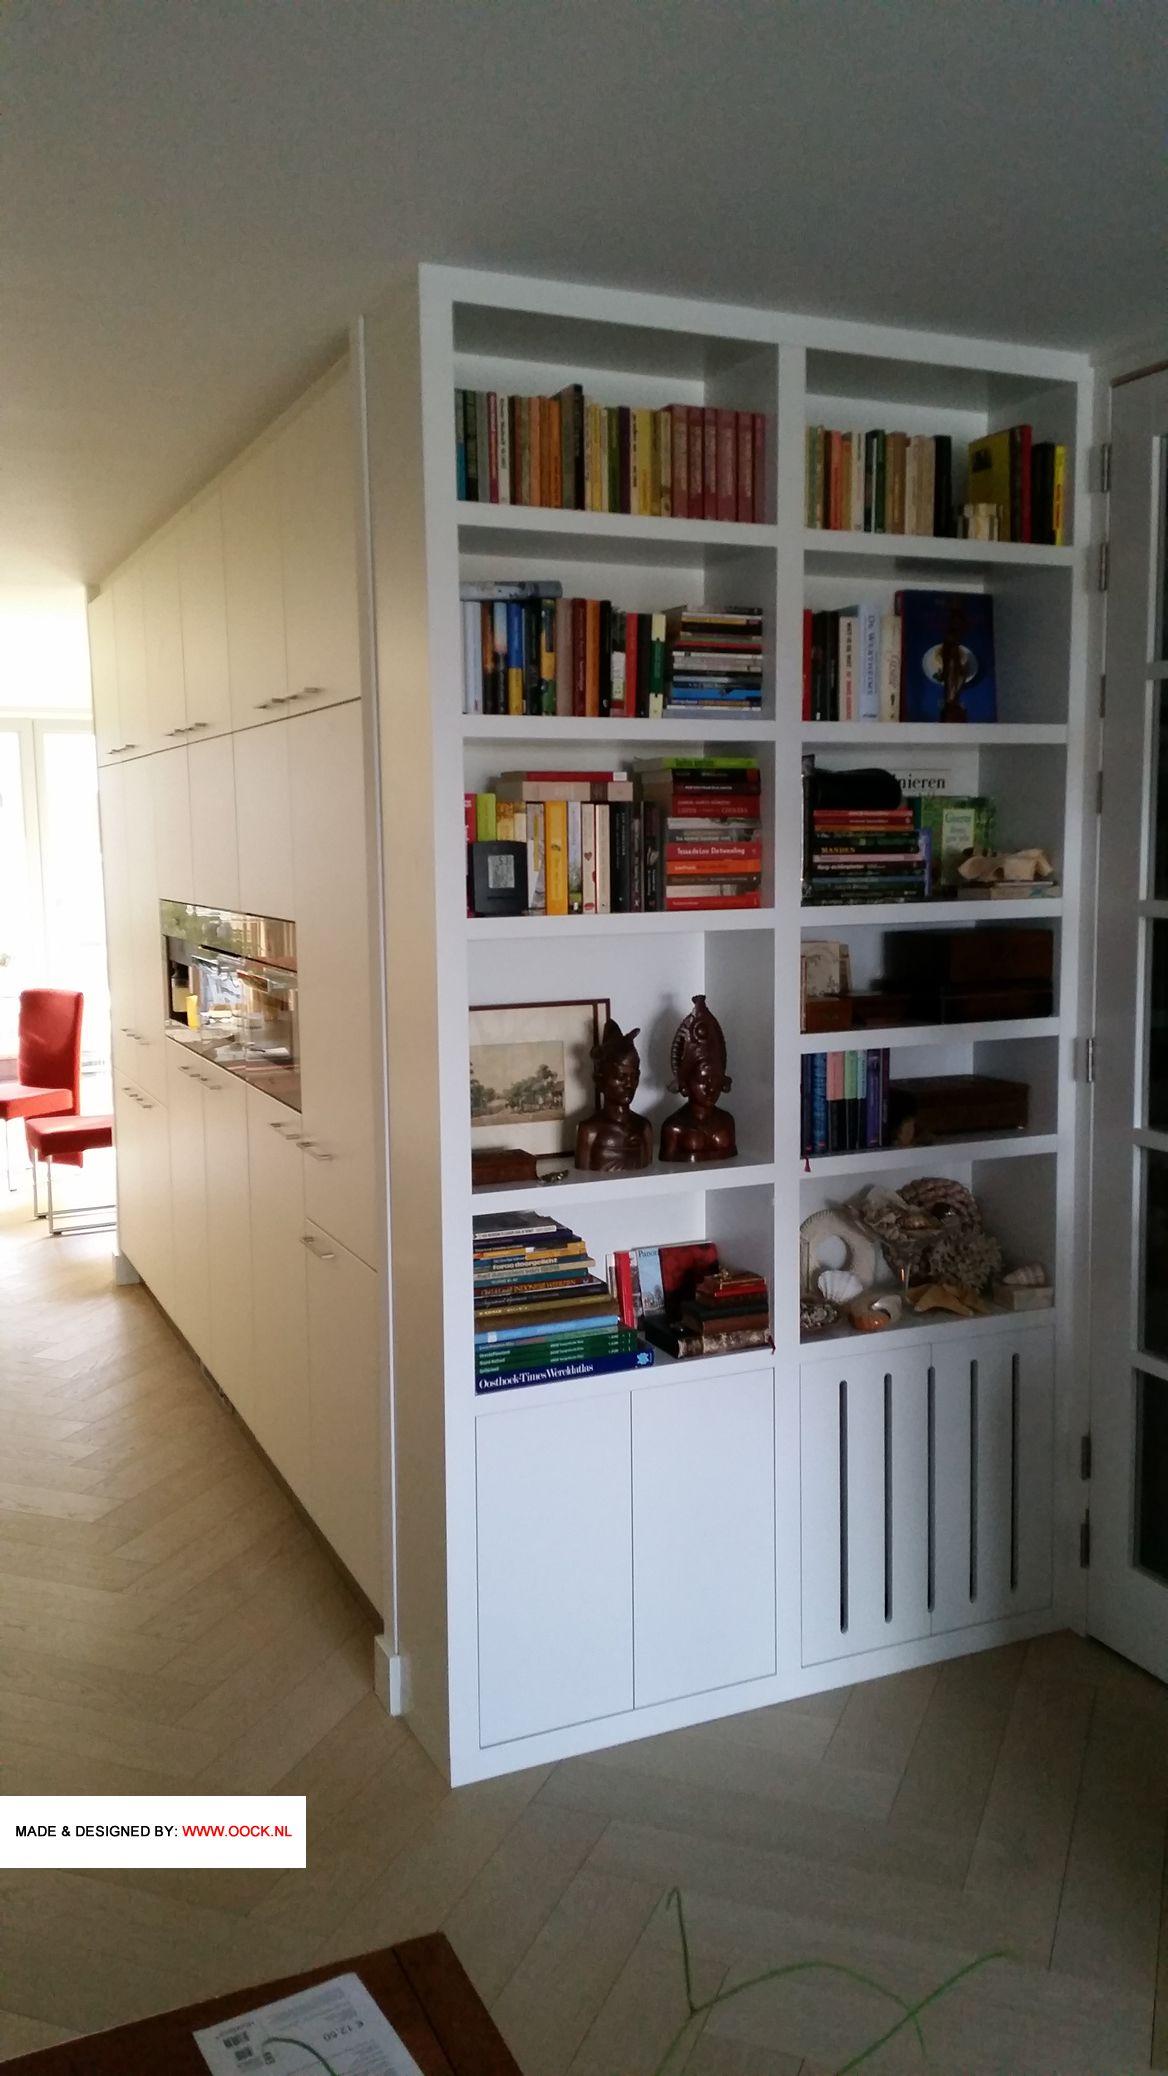 moderne boekenkast op maat als alternatieve room divider tussen de woonkamer en de keuken ook